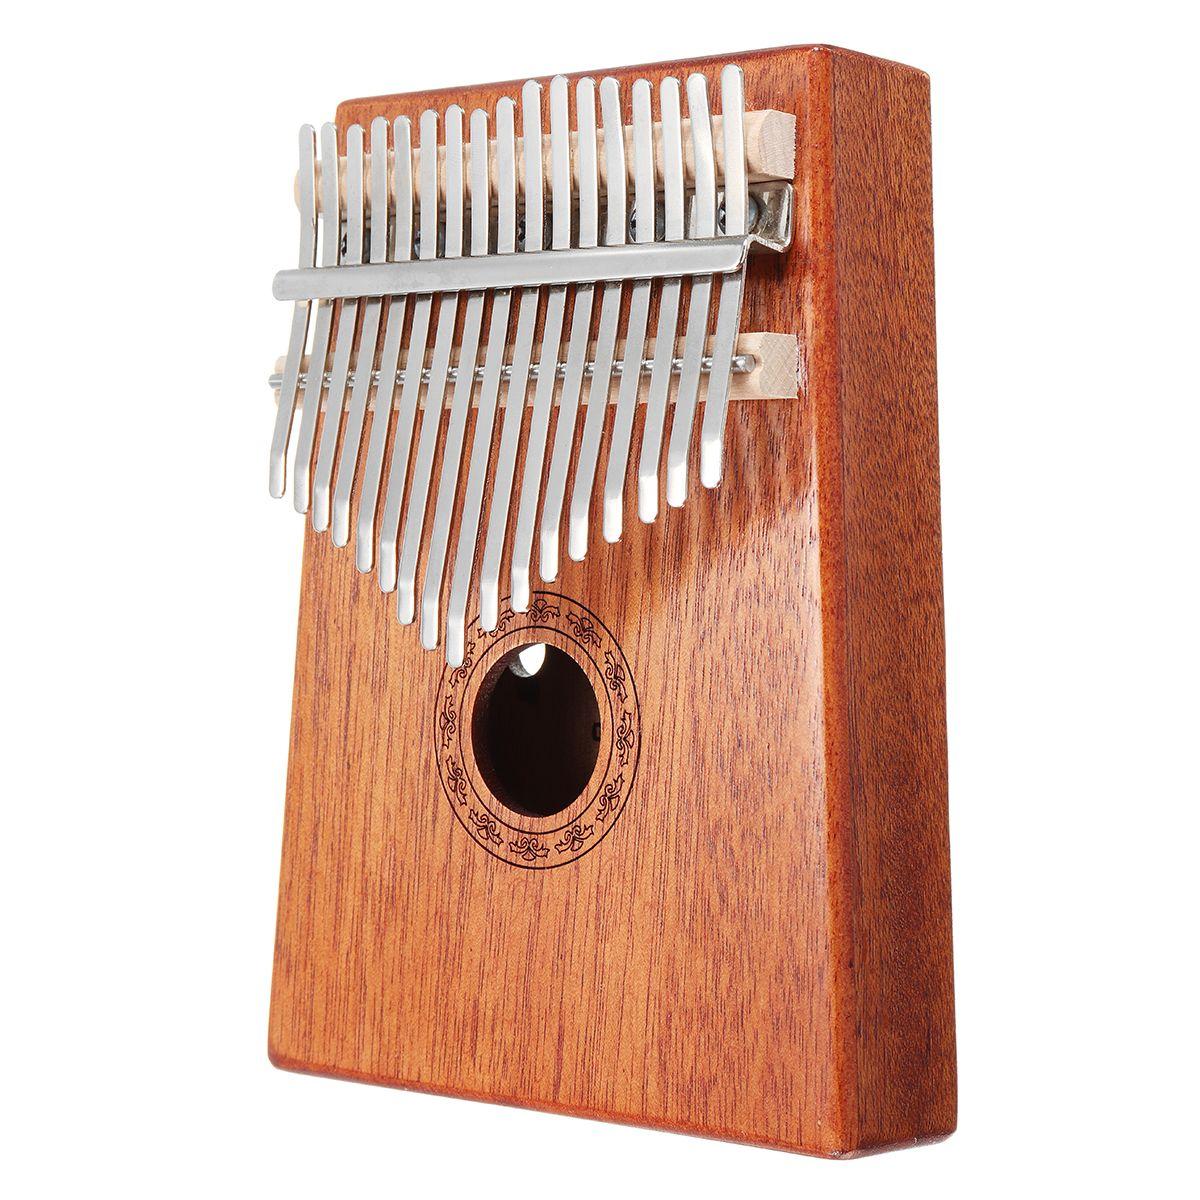 17 keys wood kalimba mahogany thumb piano finger